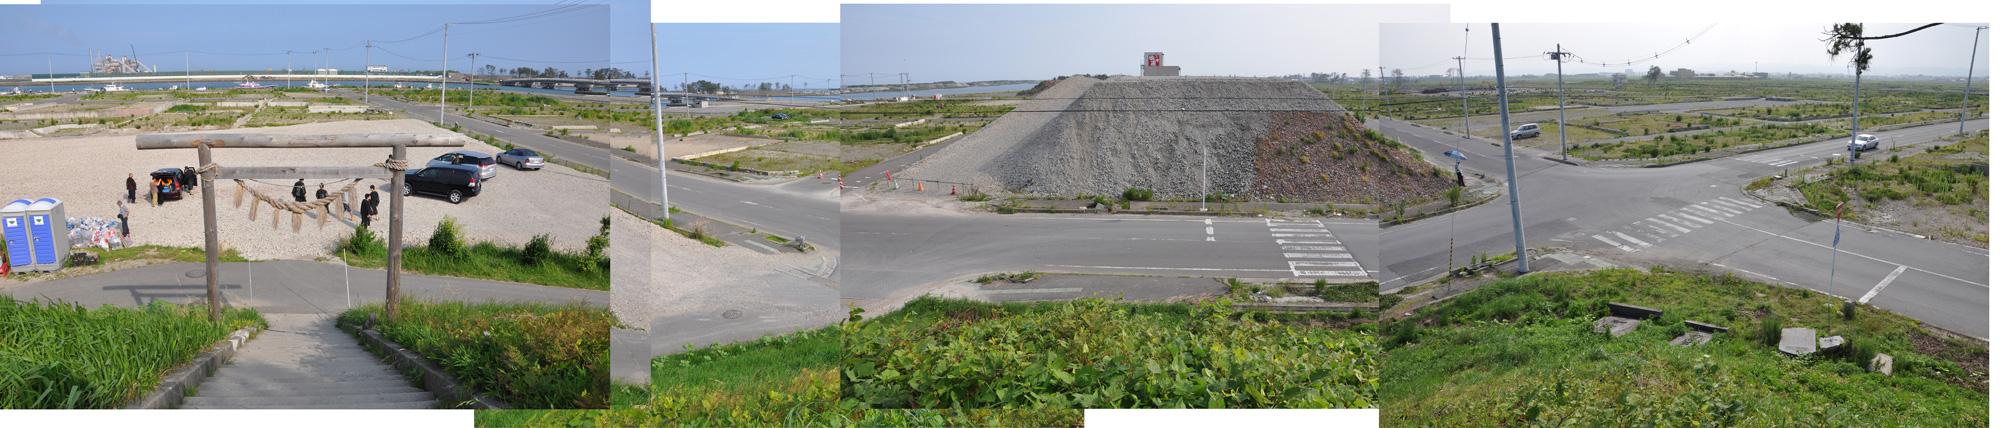 閖上日和山定点観測(東南東-西南西)2012年7月